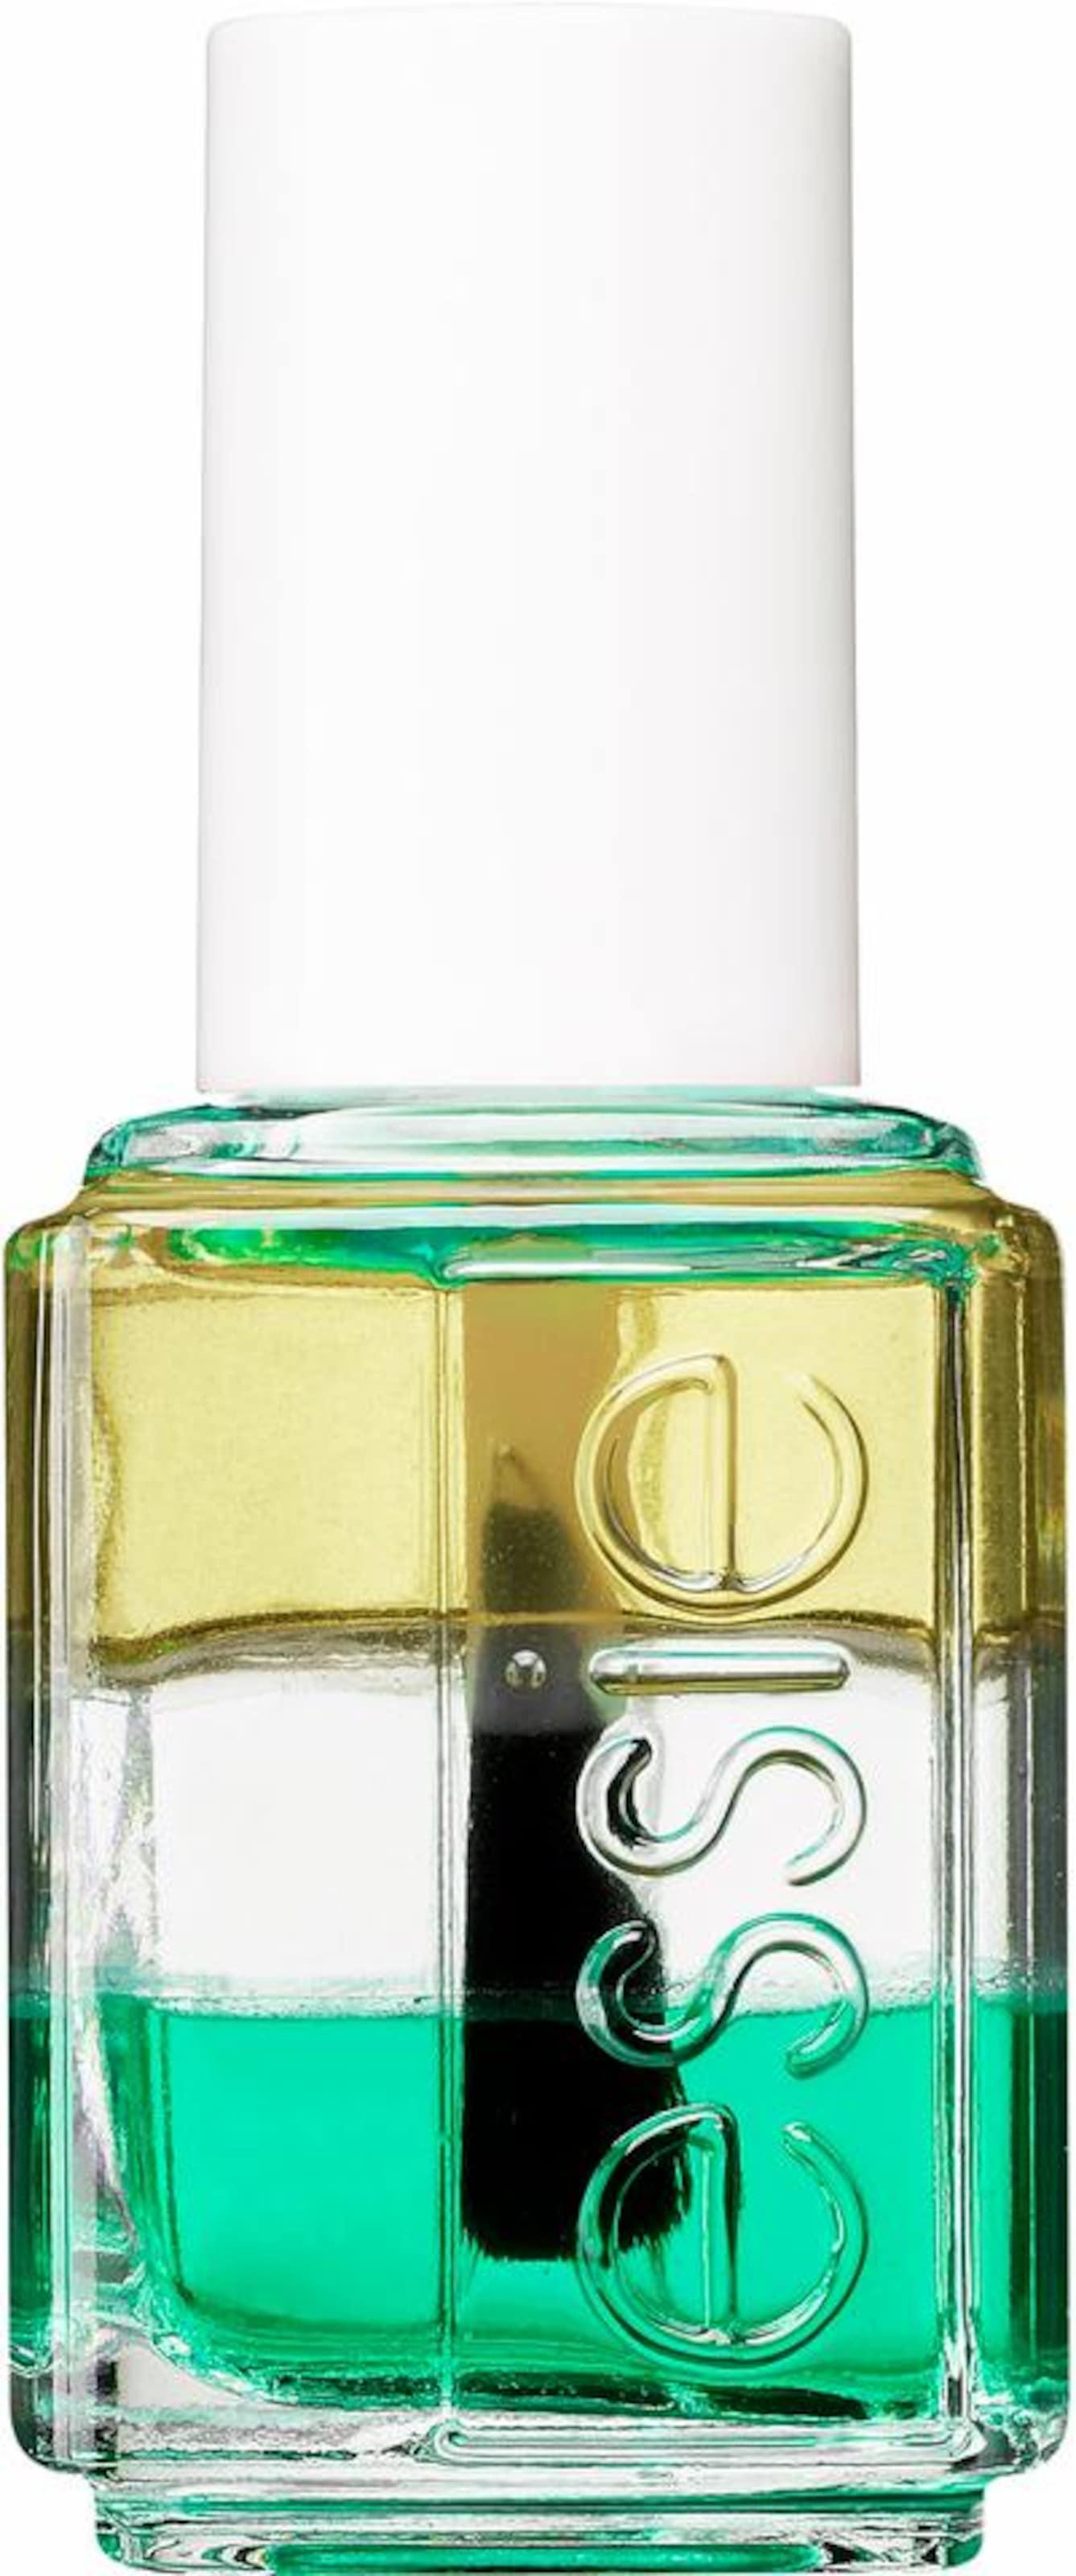 100% Authentisch Verkauf Online essie Nagelpflege 'ESSIE Shake' Günstiger Preis Top-Qualität Outlet-Store Verkauf Billigsten uwuRO1nqUr